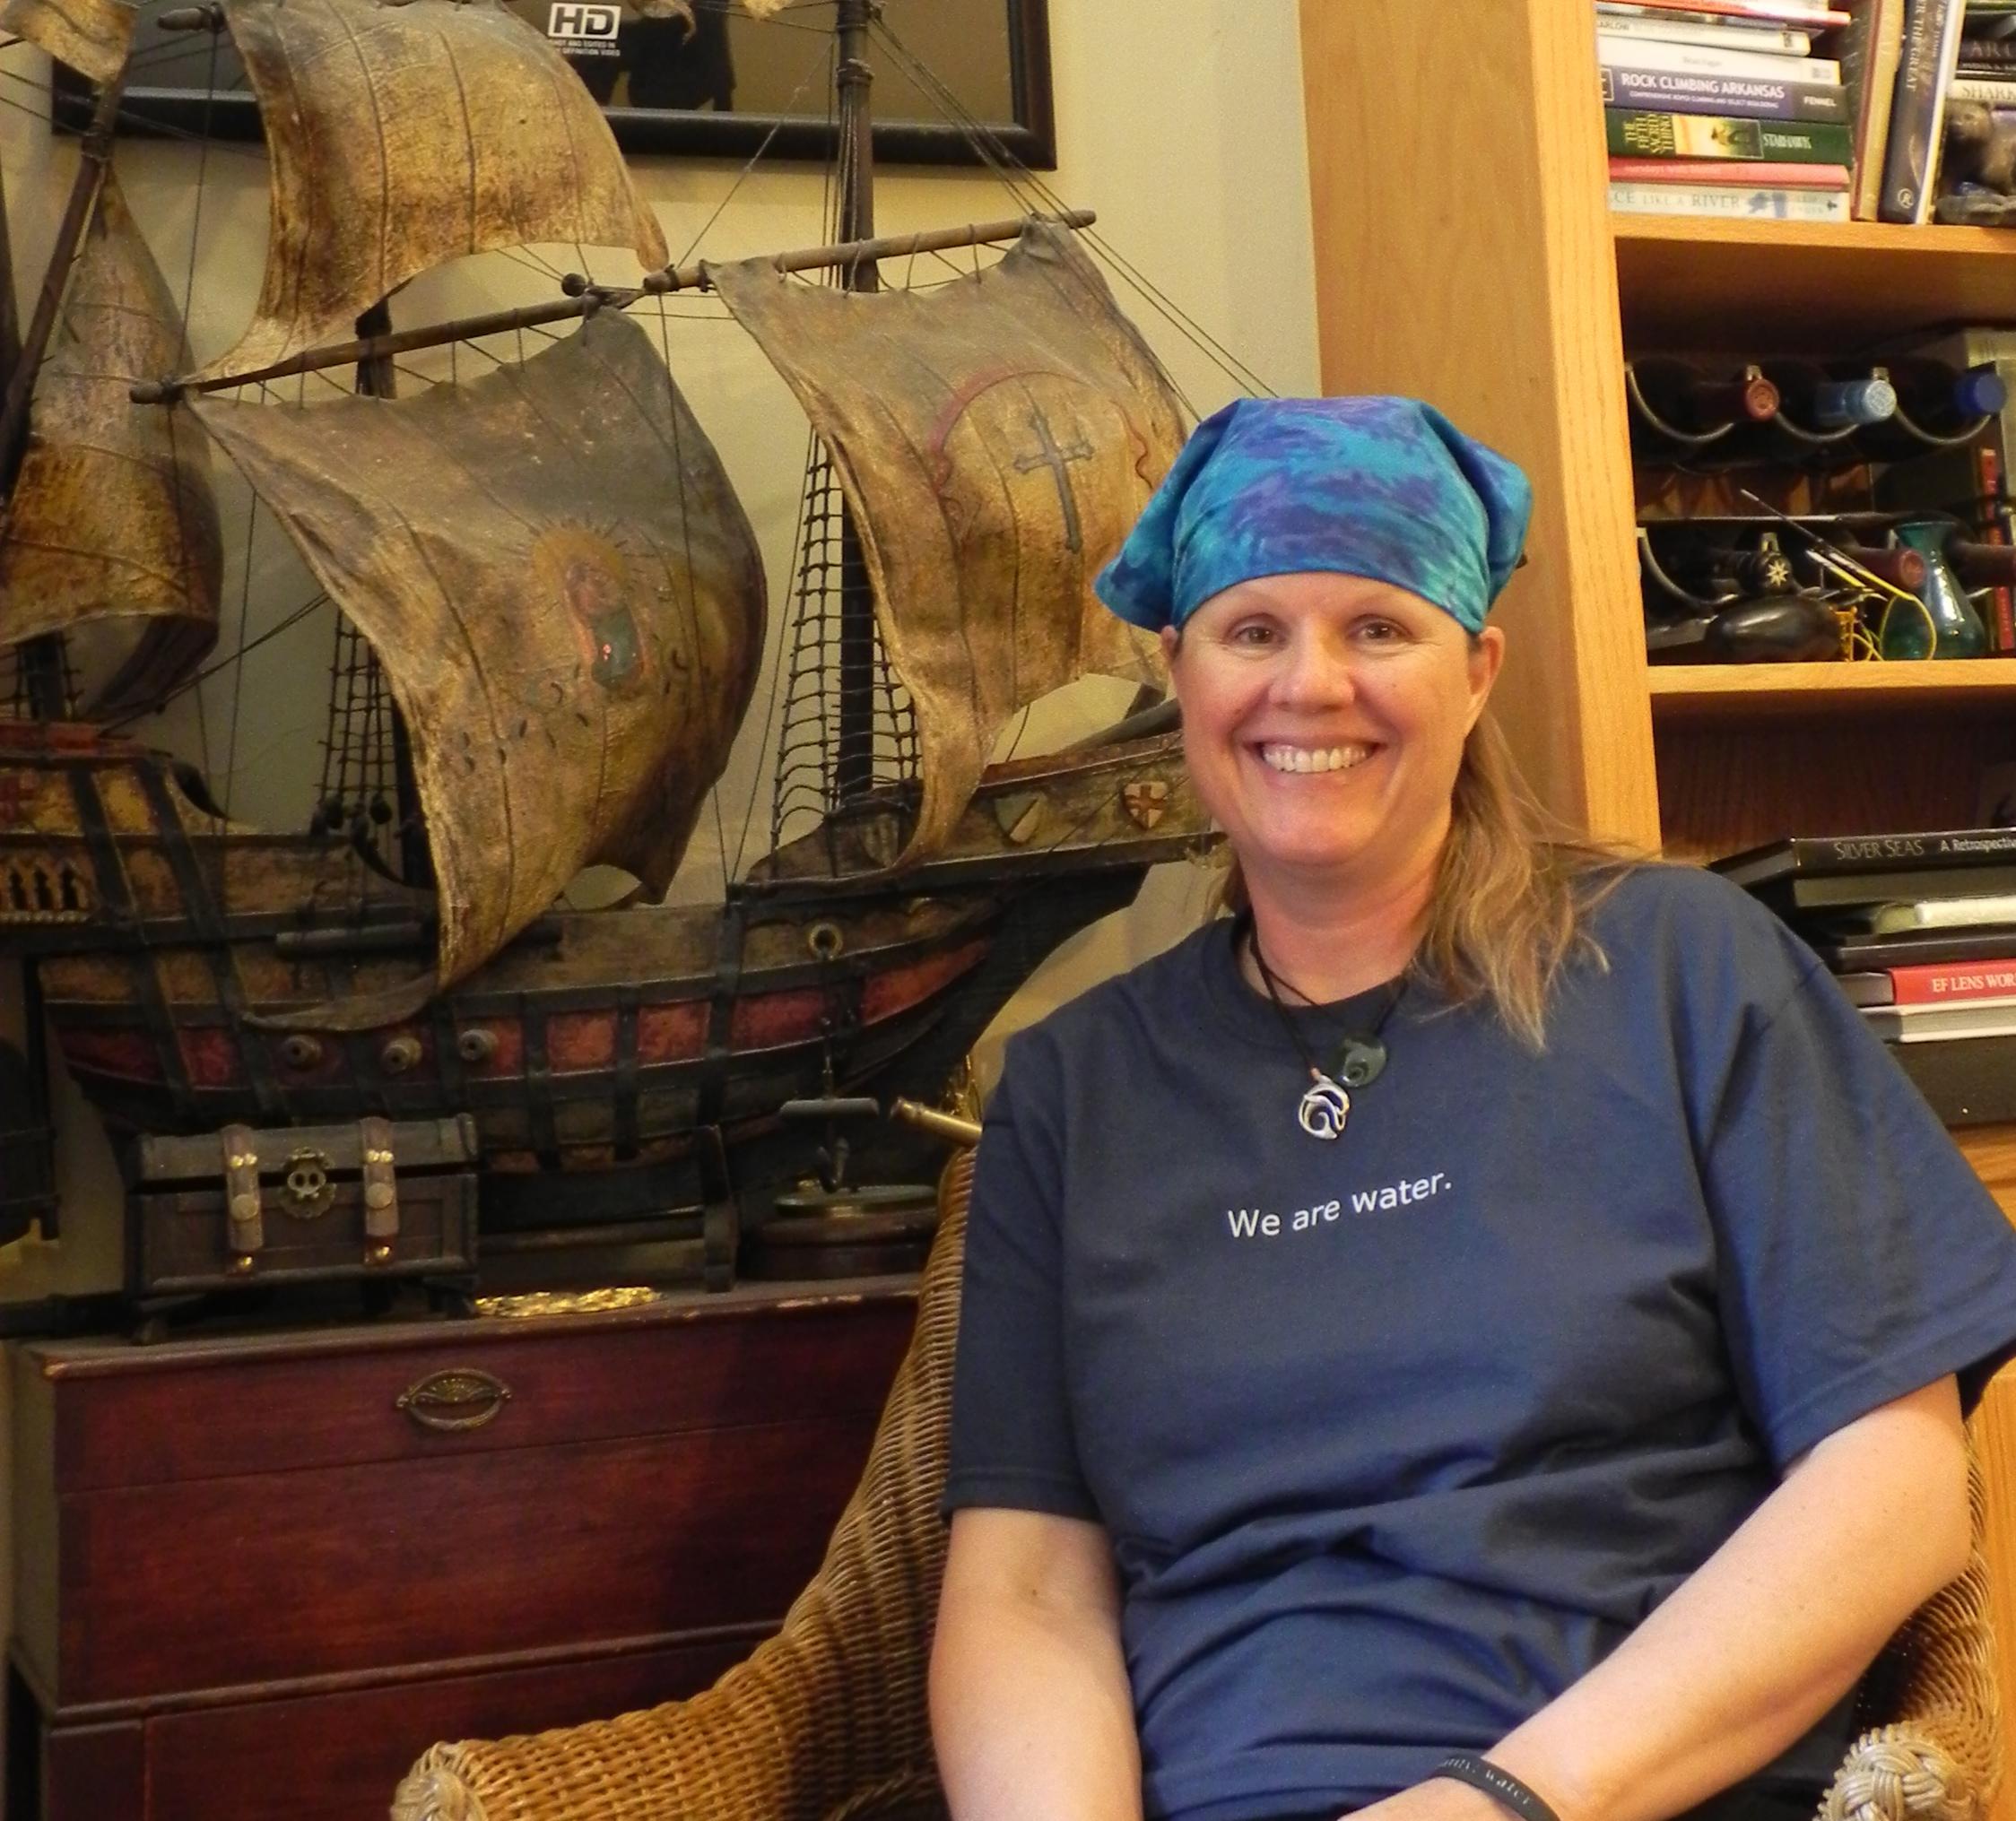 Jill Heinerth: Underwater Explorer and Water Activist